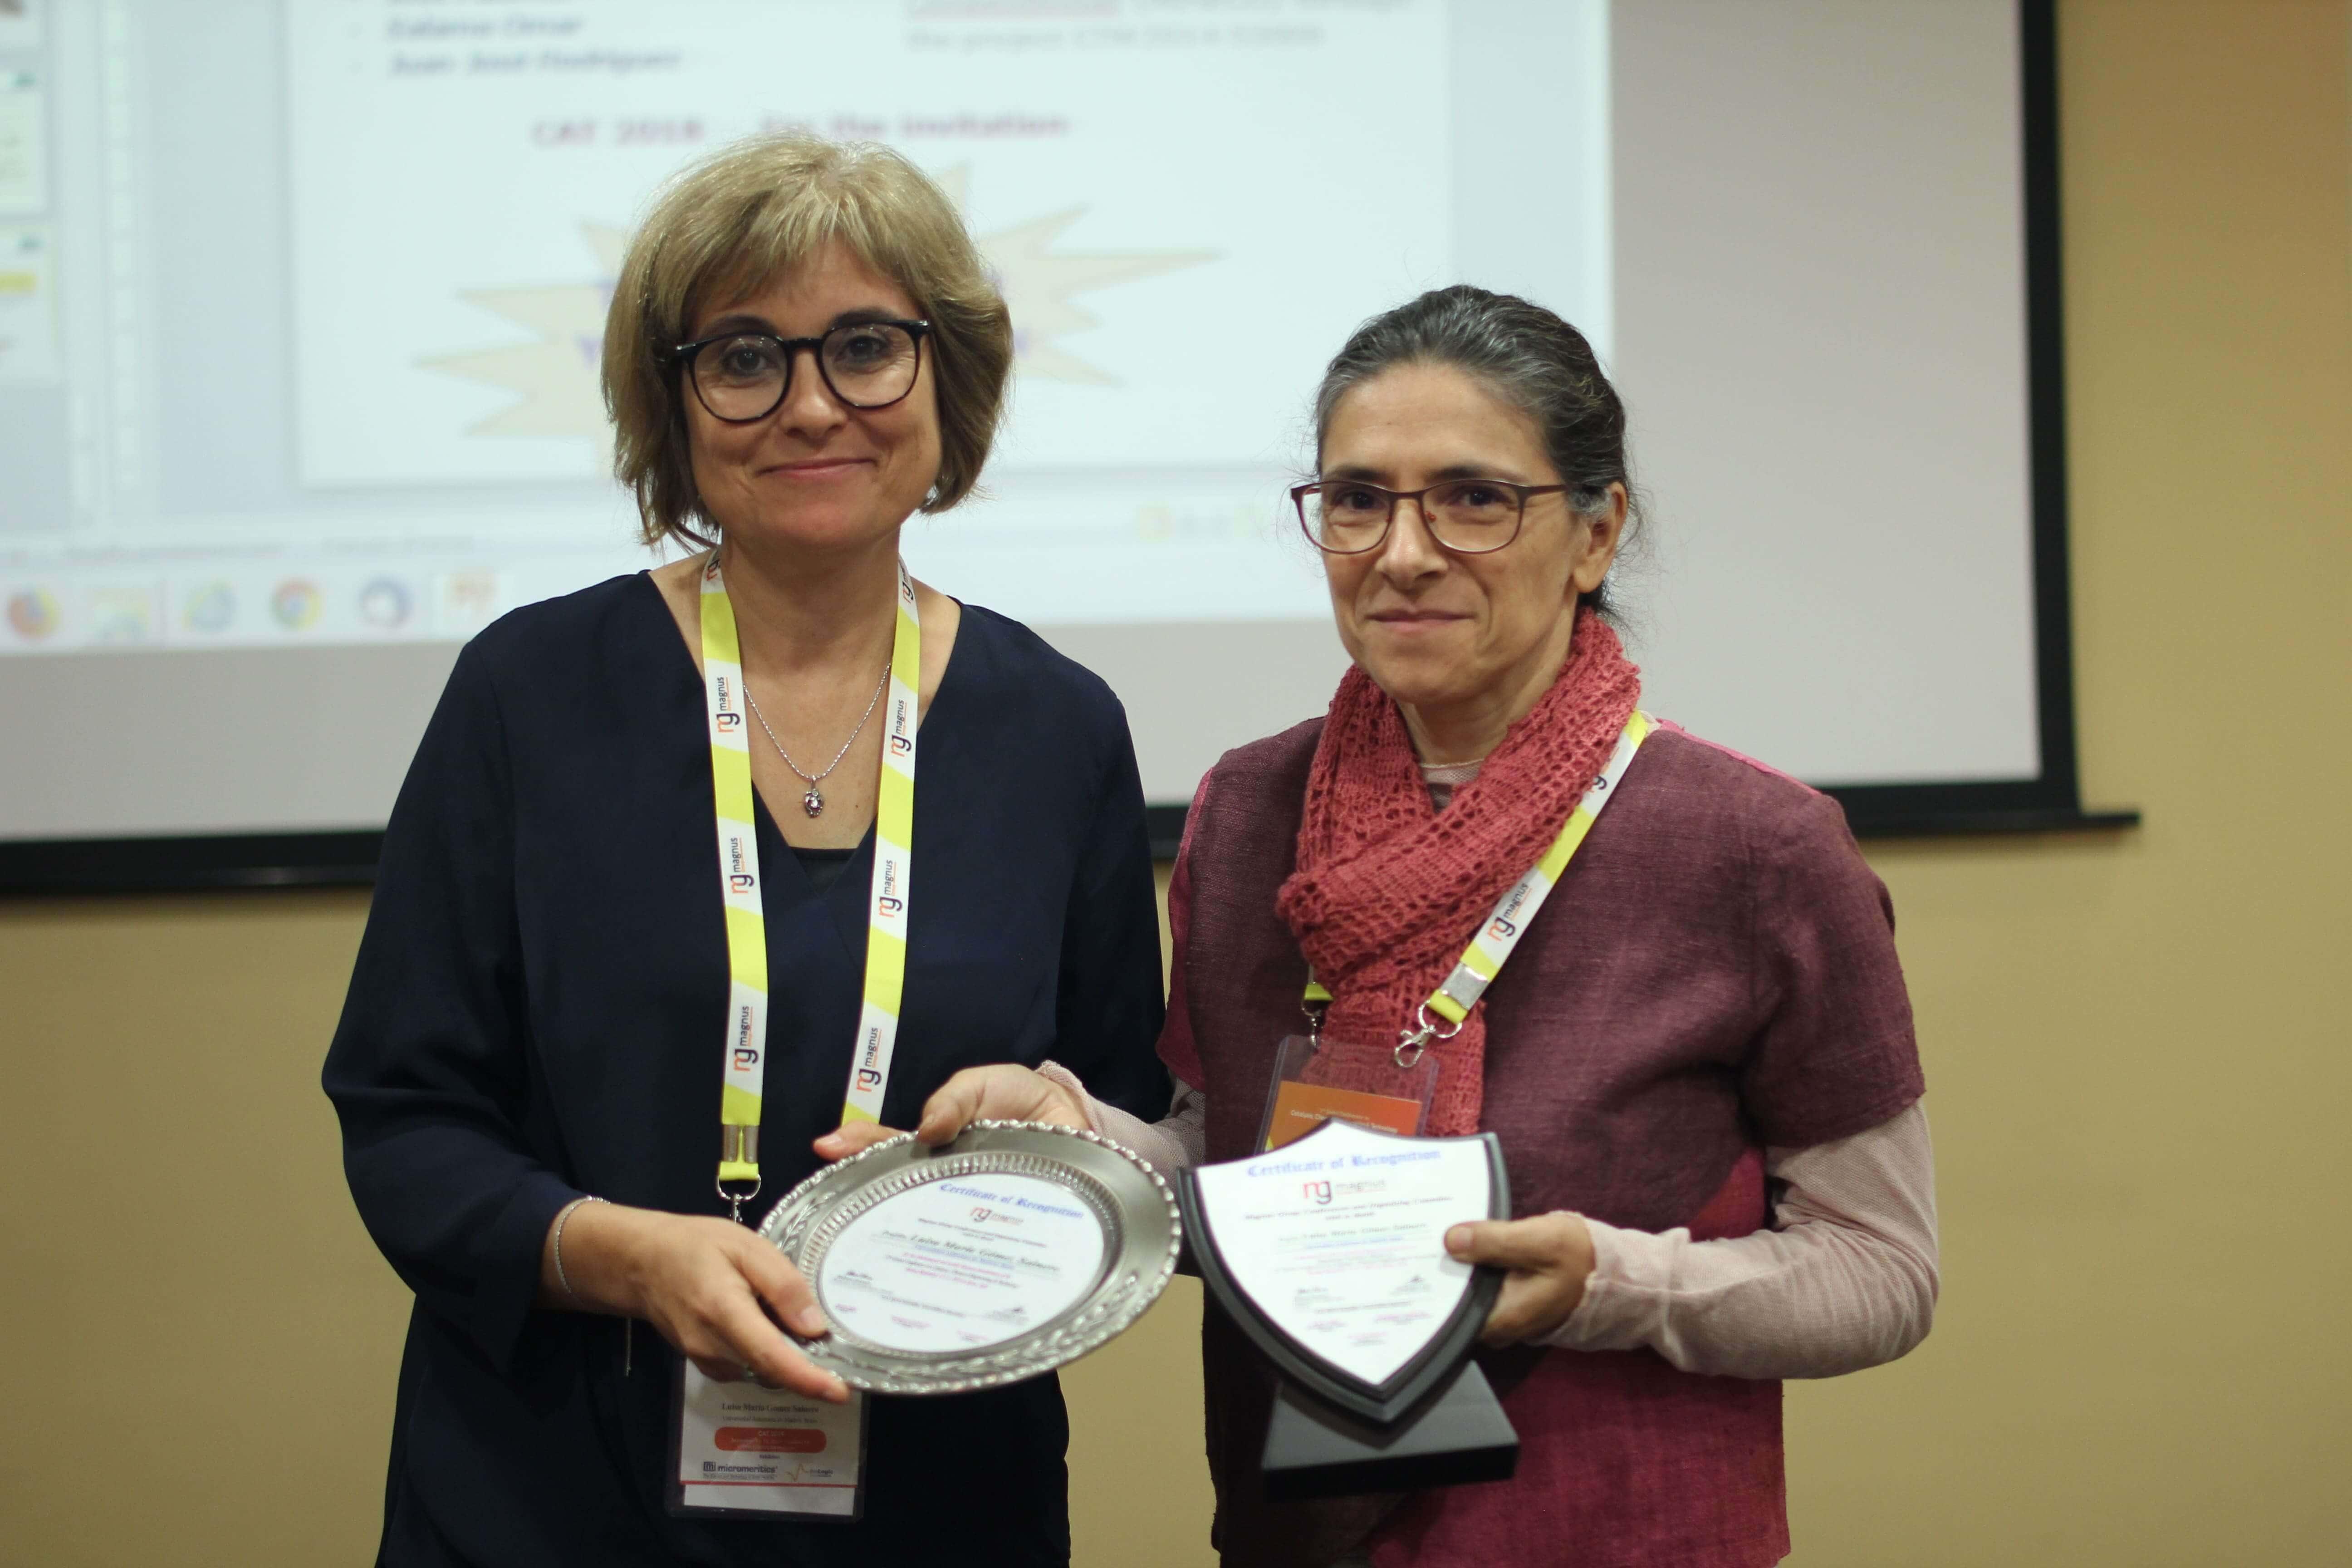 Luisa María Gómez Sainero felicitated by Valérie Meille